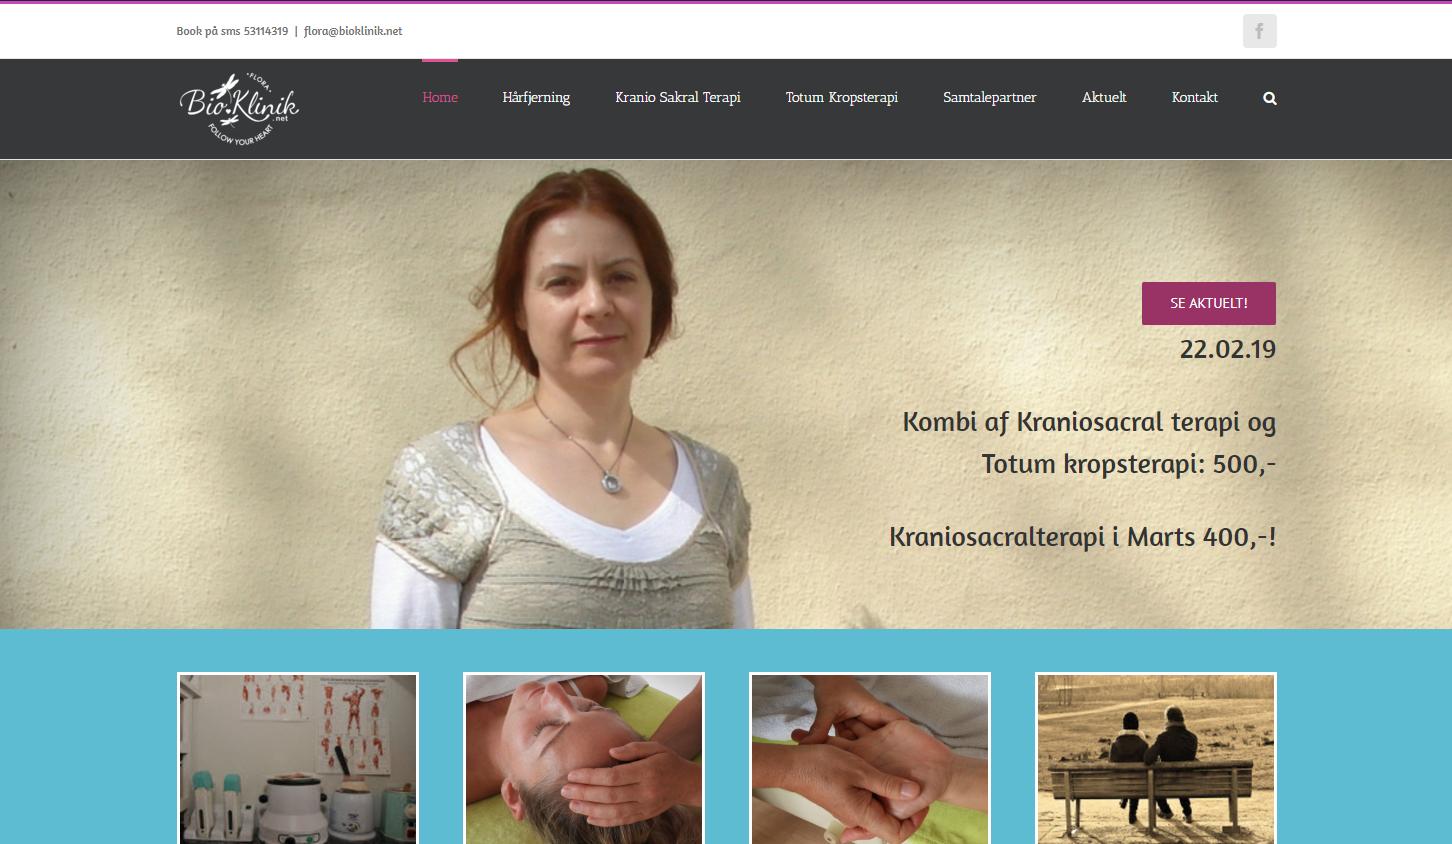 www.bioklinik.net